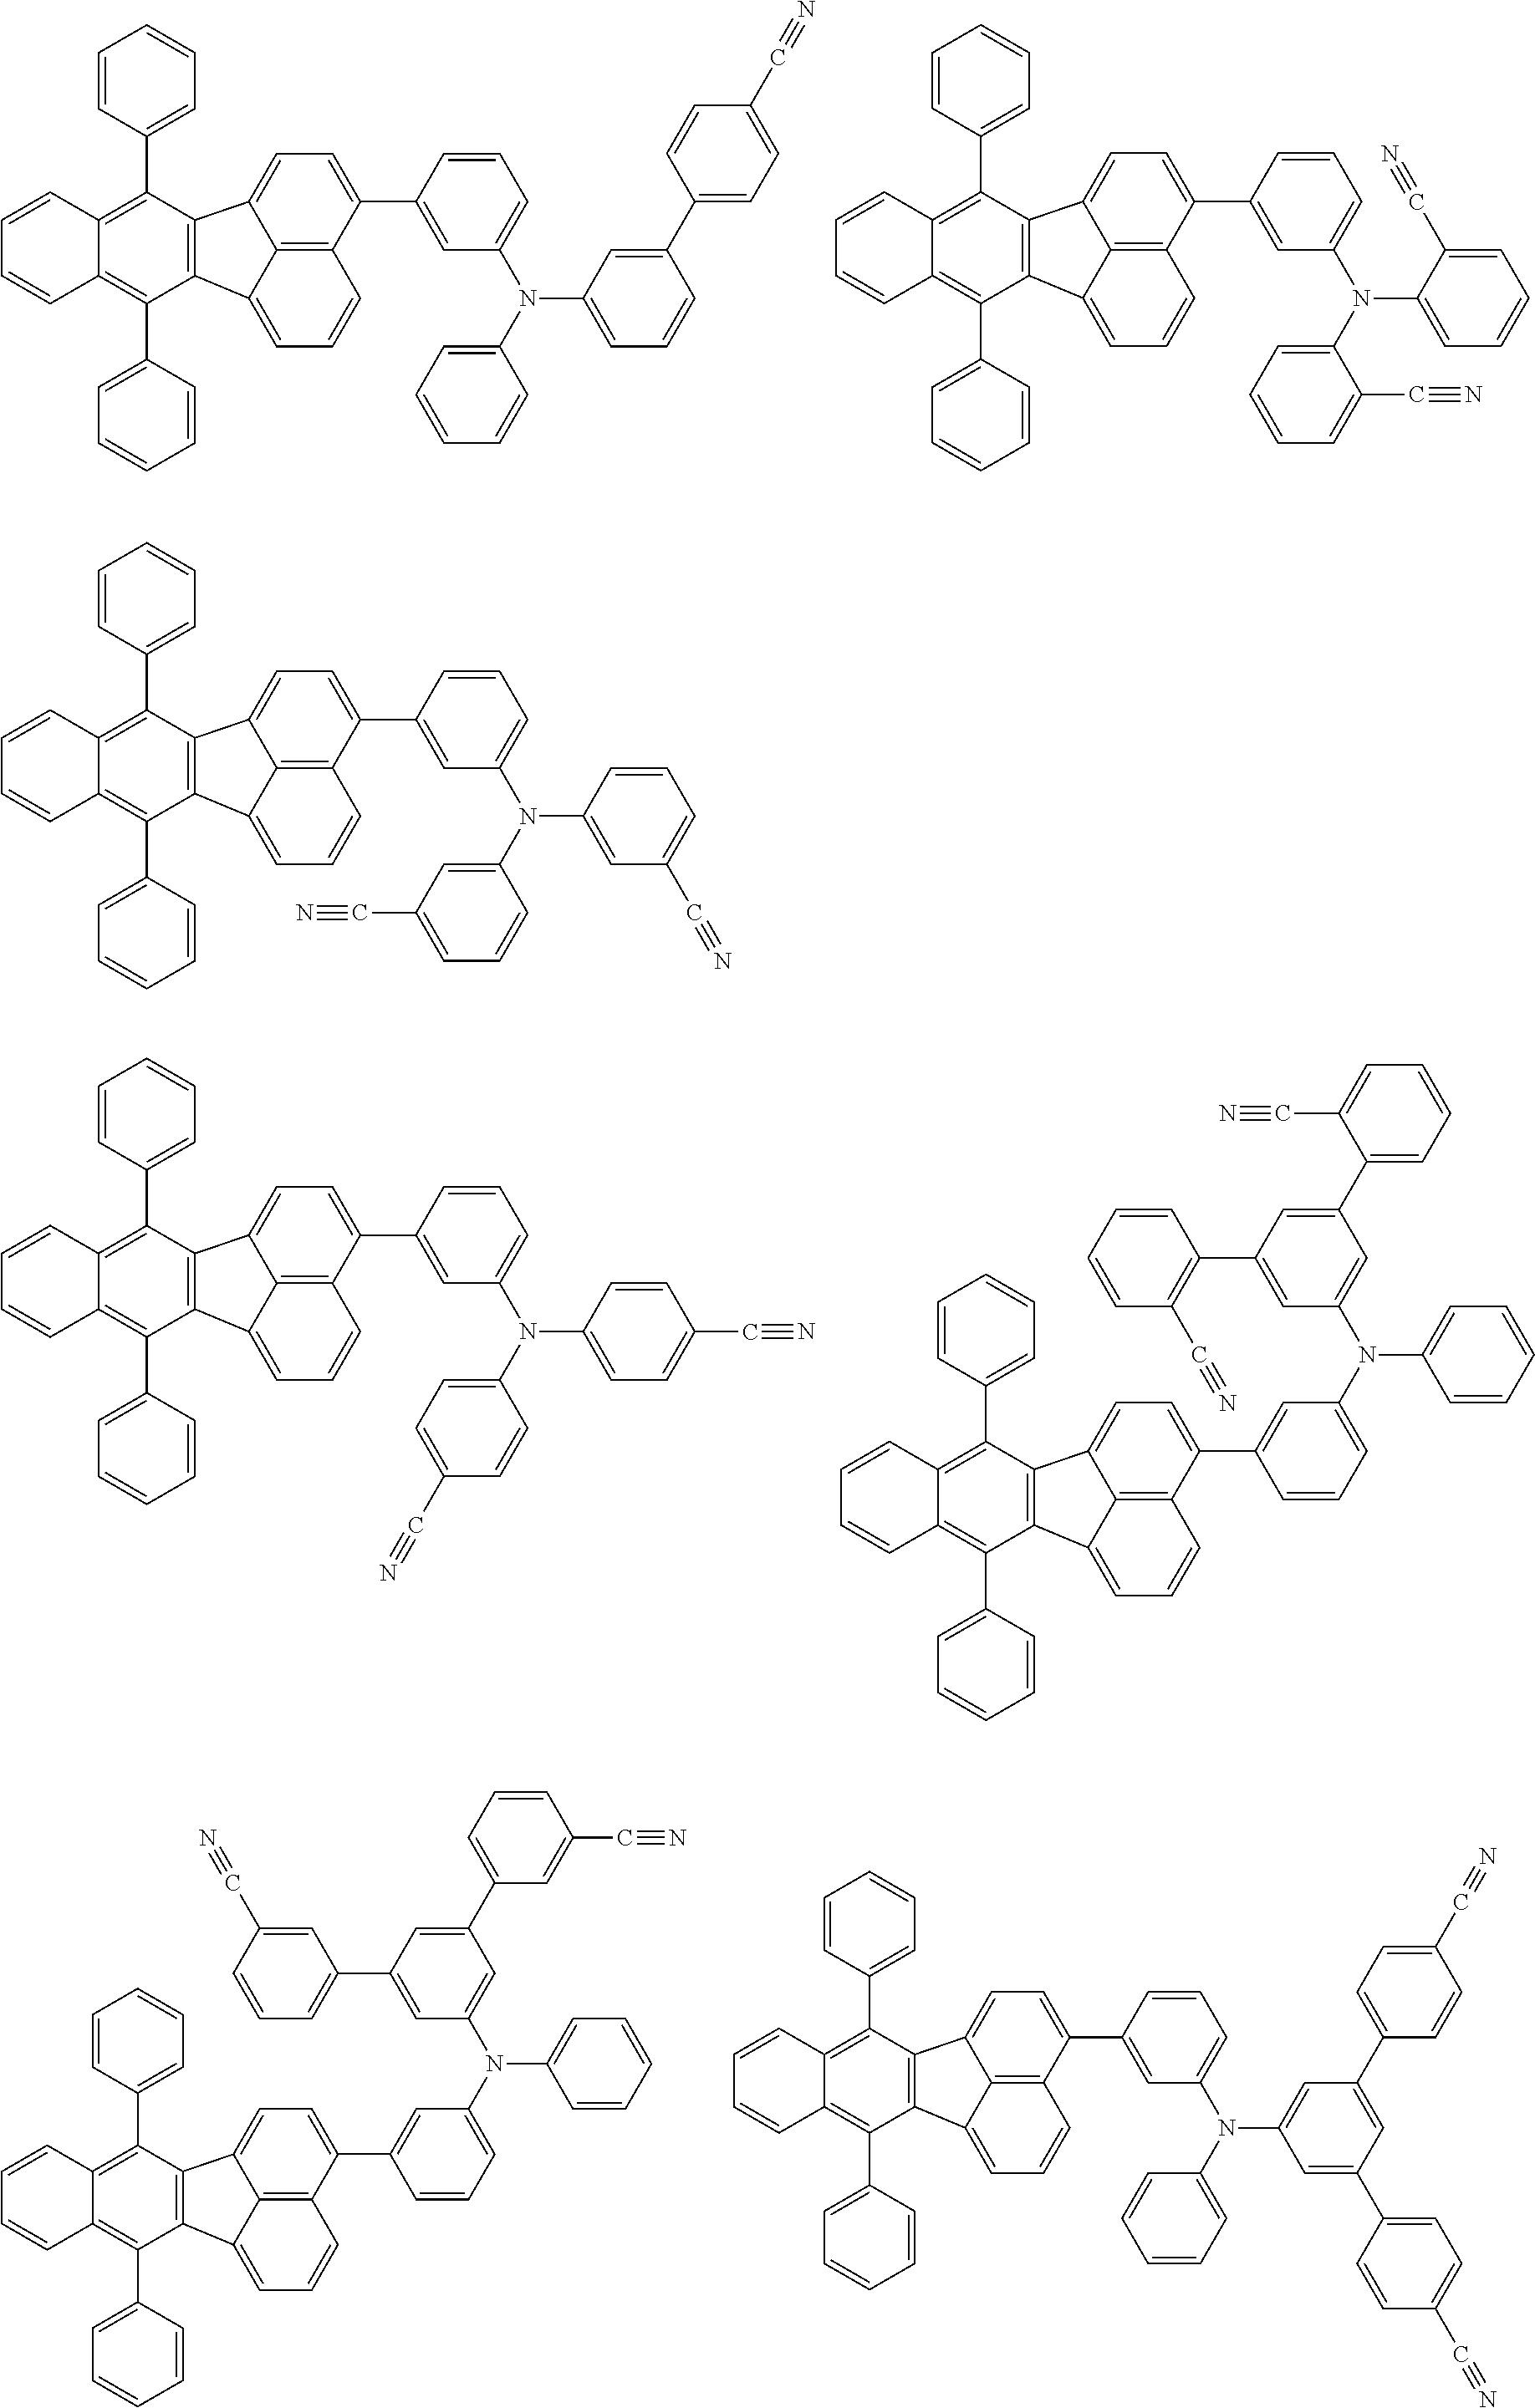 Figure US20150280139A1-20151001-C00078